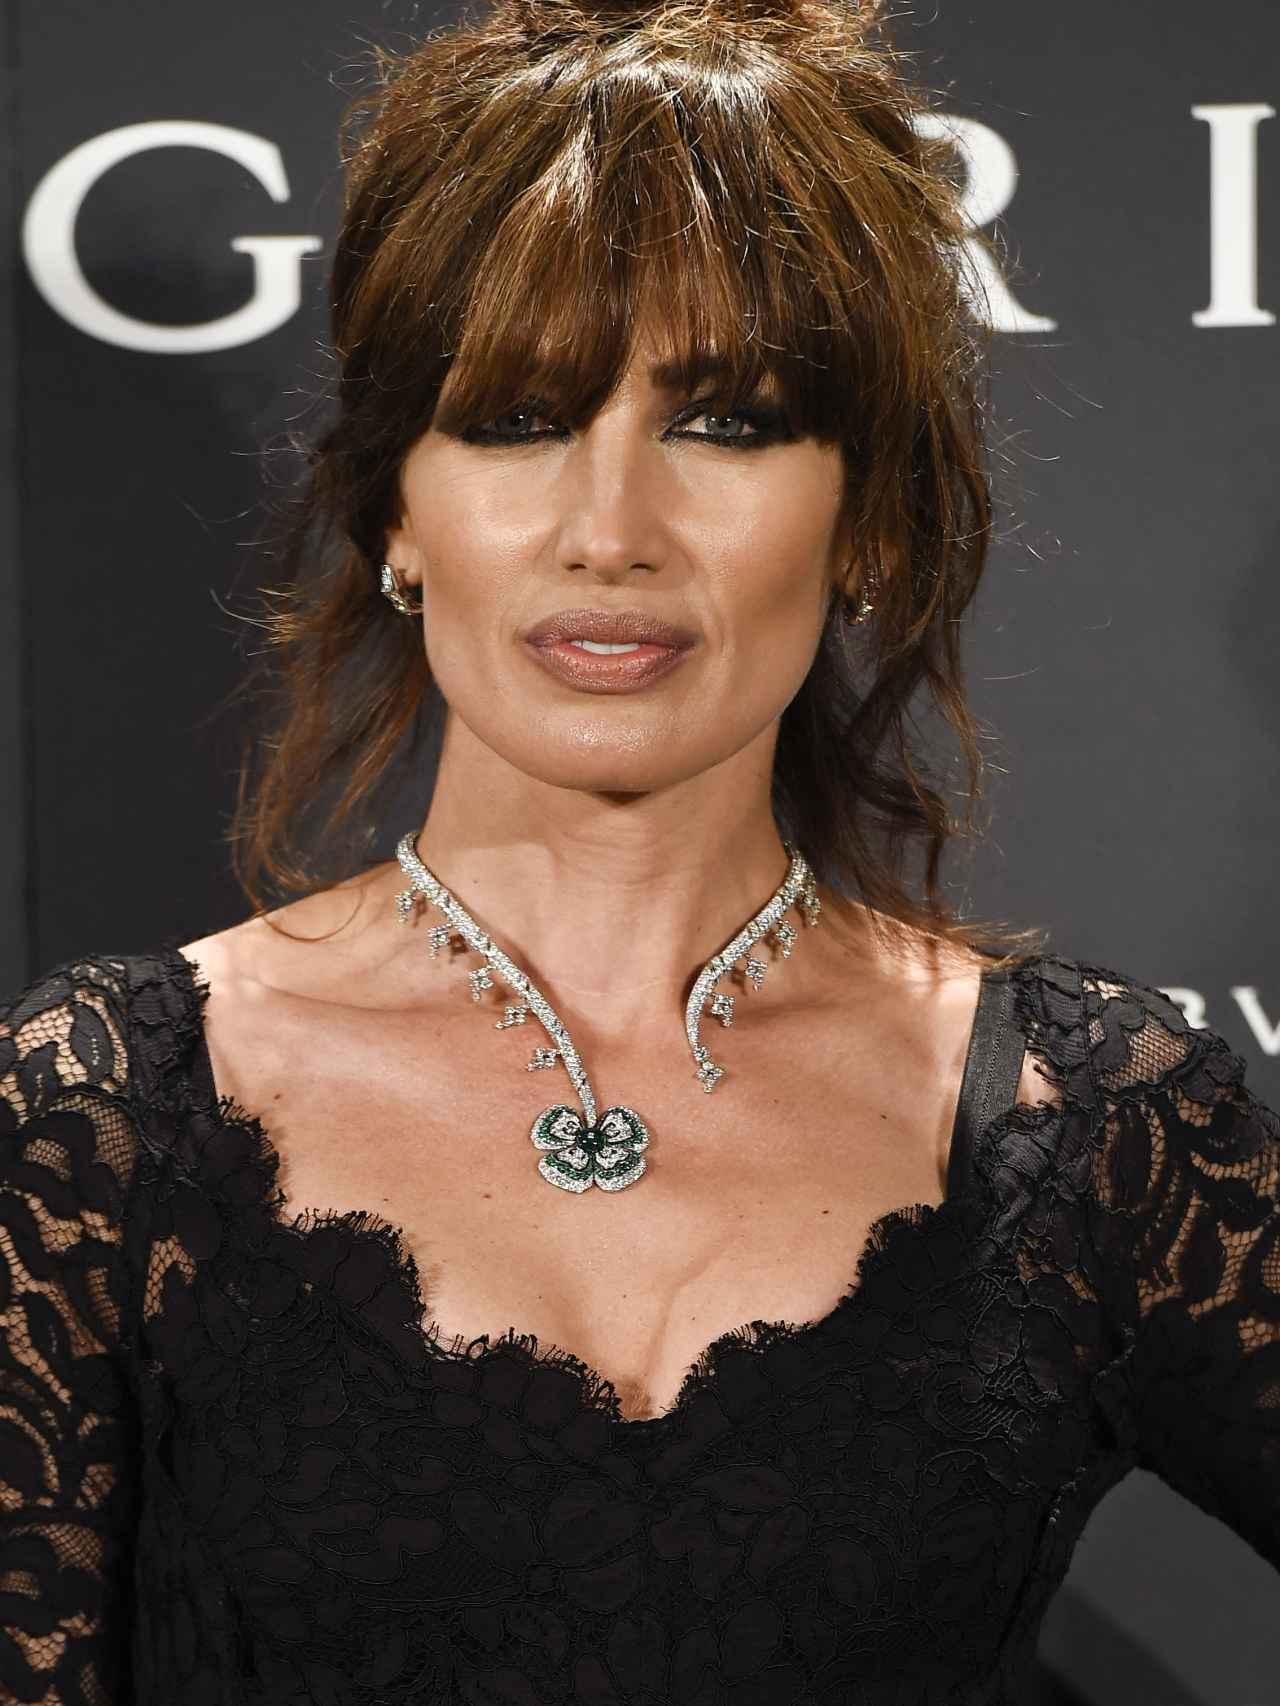 Nieves Álvarez de negro y con peinado a lo Sofía Loren, luce las joyas Bulgari.